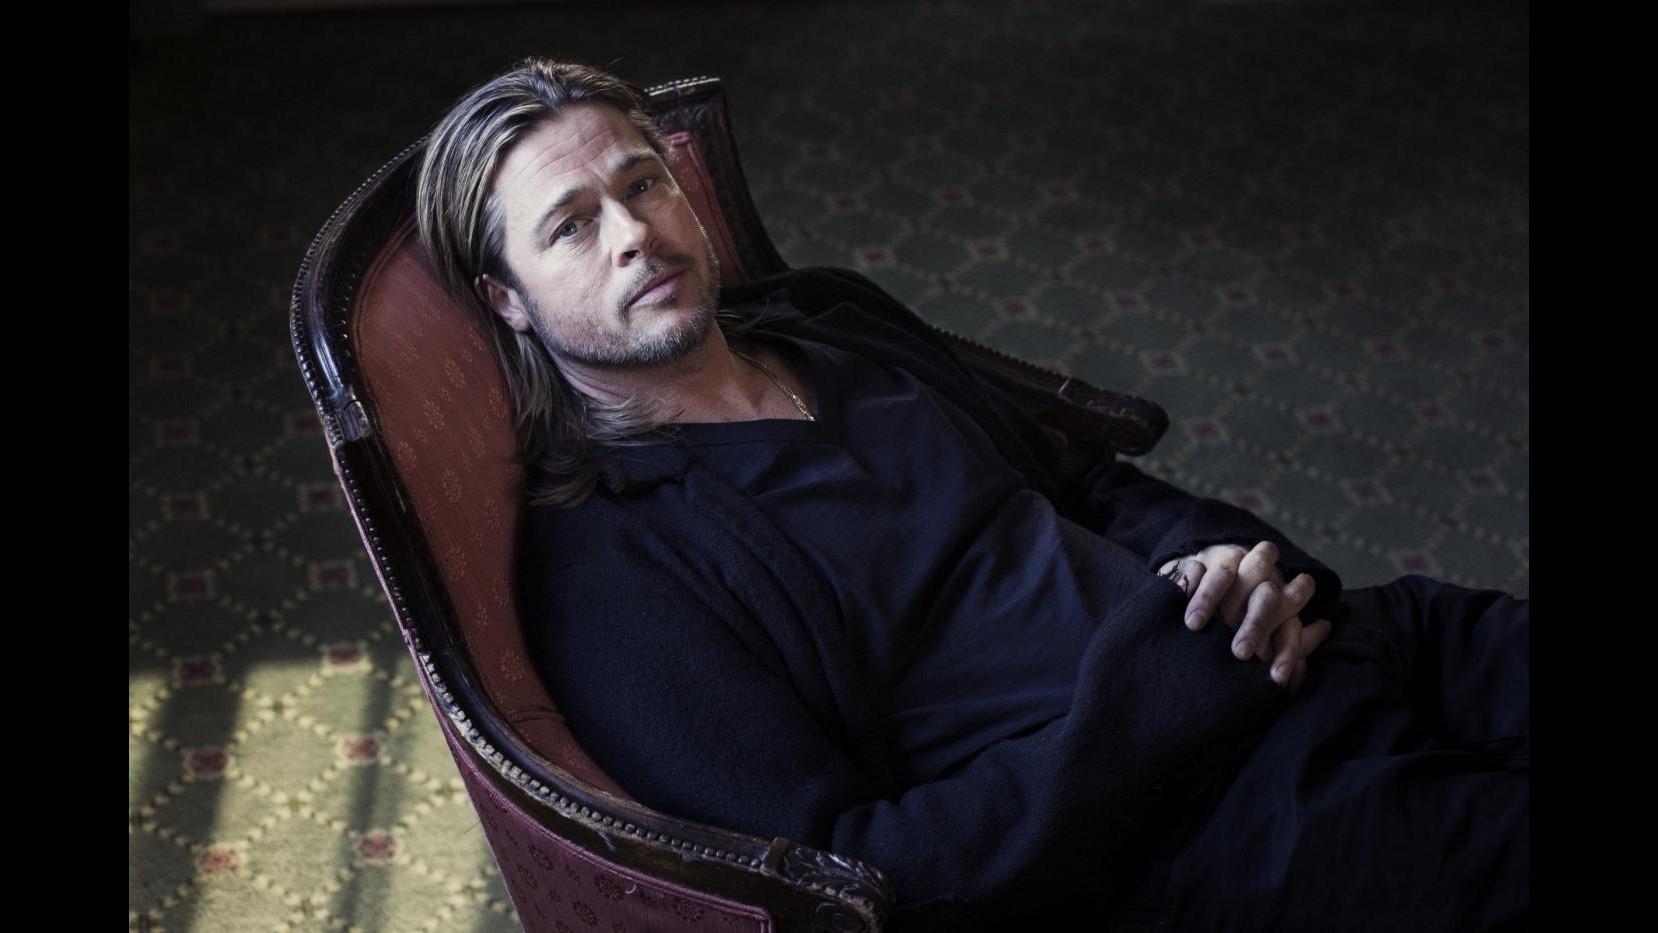 In lavorazione sequel 'World war Z' con Brad Pitt